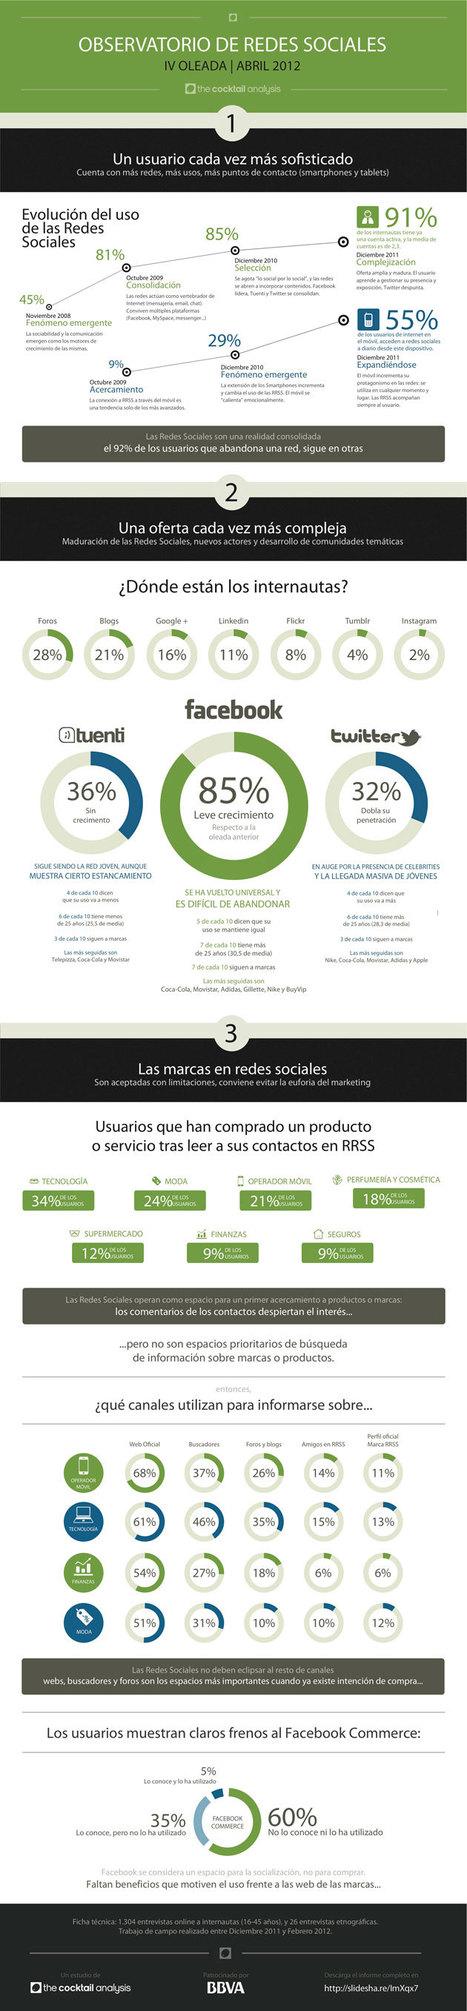 Del estado de los Social Media y la evolución del ser humano - Blog de Posicionamiento Web   Negocios&MarketingDigital   Scoop.it